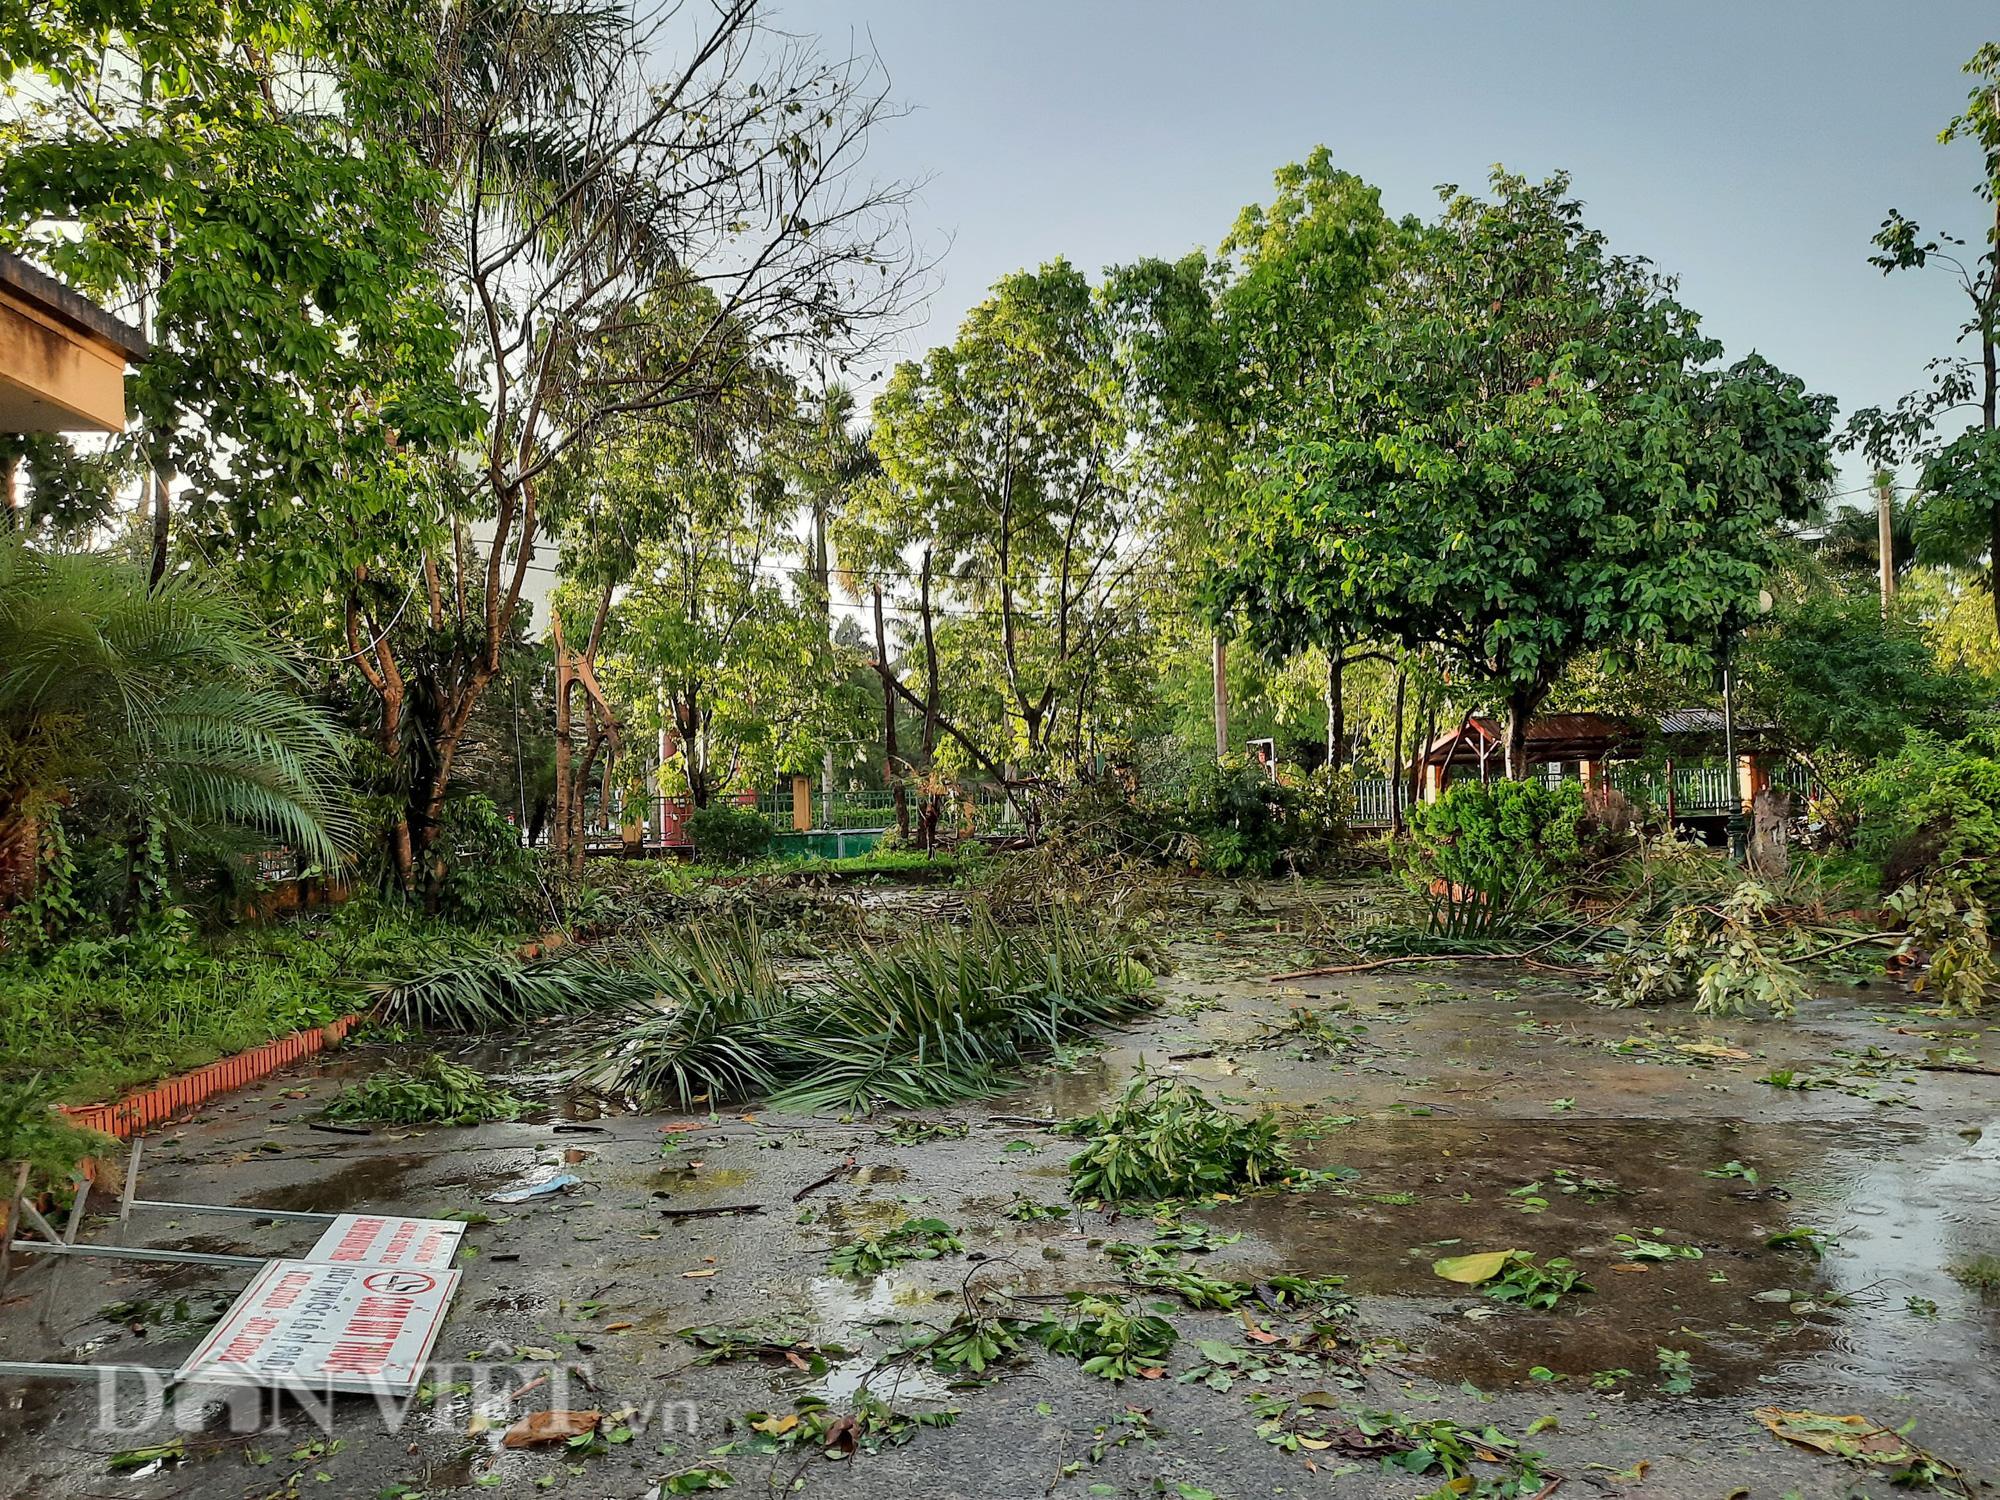 Hòa Bình: Mưa lớn kèm theo dông lốc làm tốc mái, đổ cây - Ảnh 2.